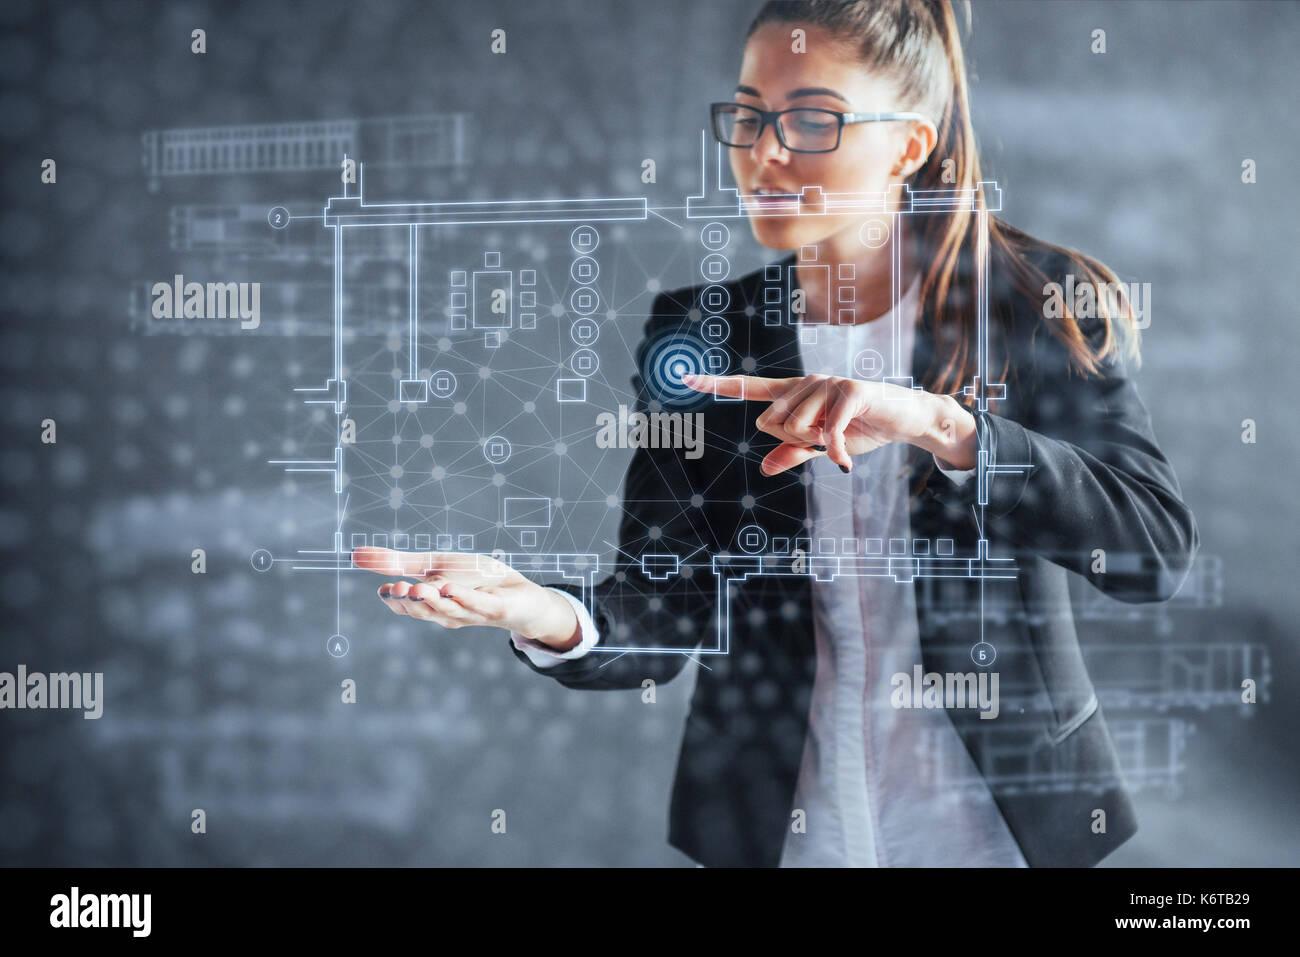 La persona a bordo de un ejercicio tablero de indicadores clave de desempeño de los mercados bursátiles y la inteligencia empresarial. Imagen De Stock